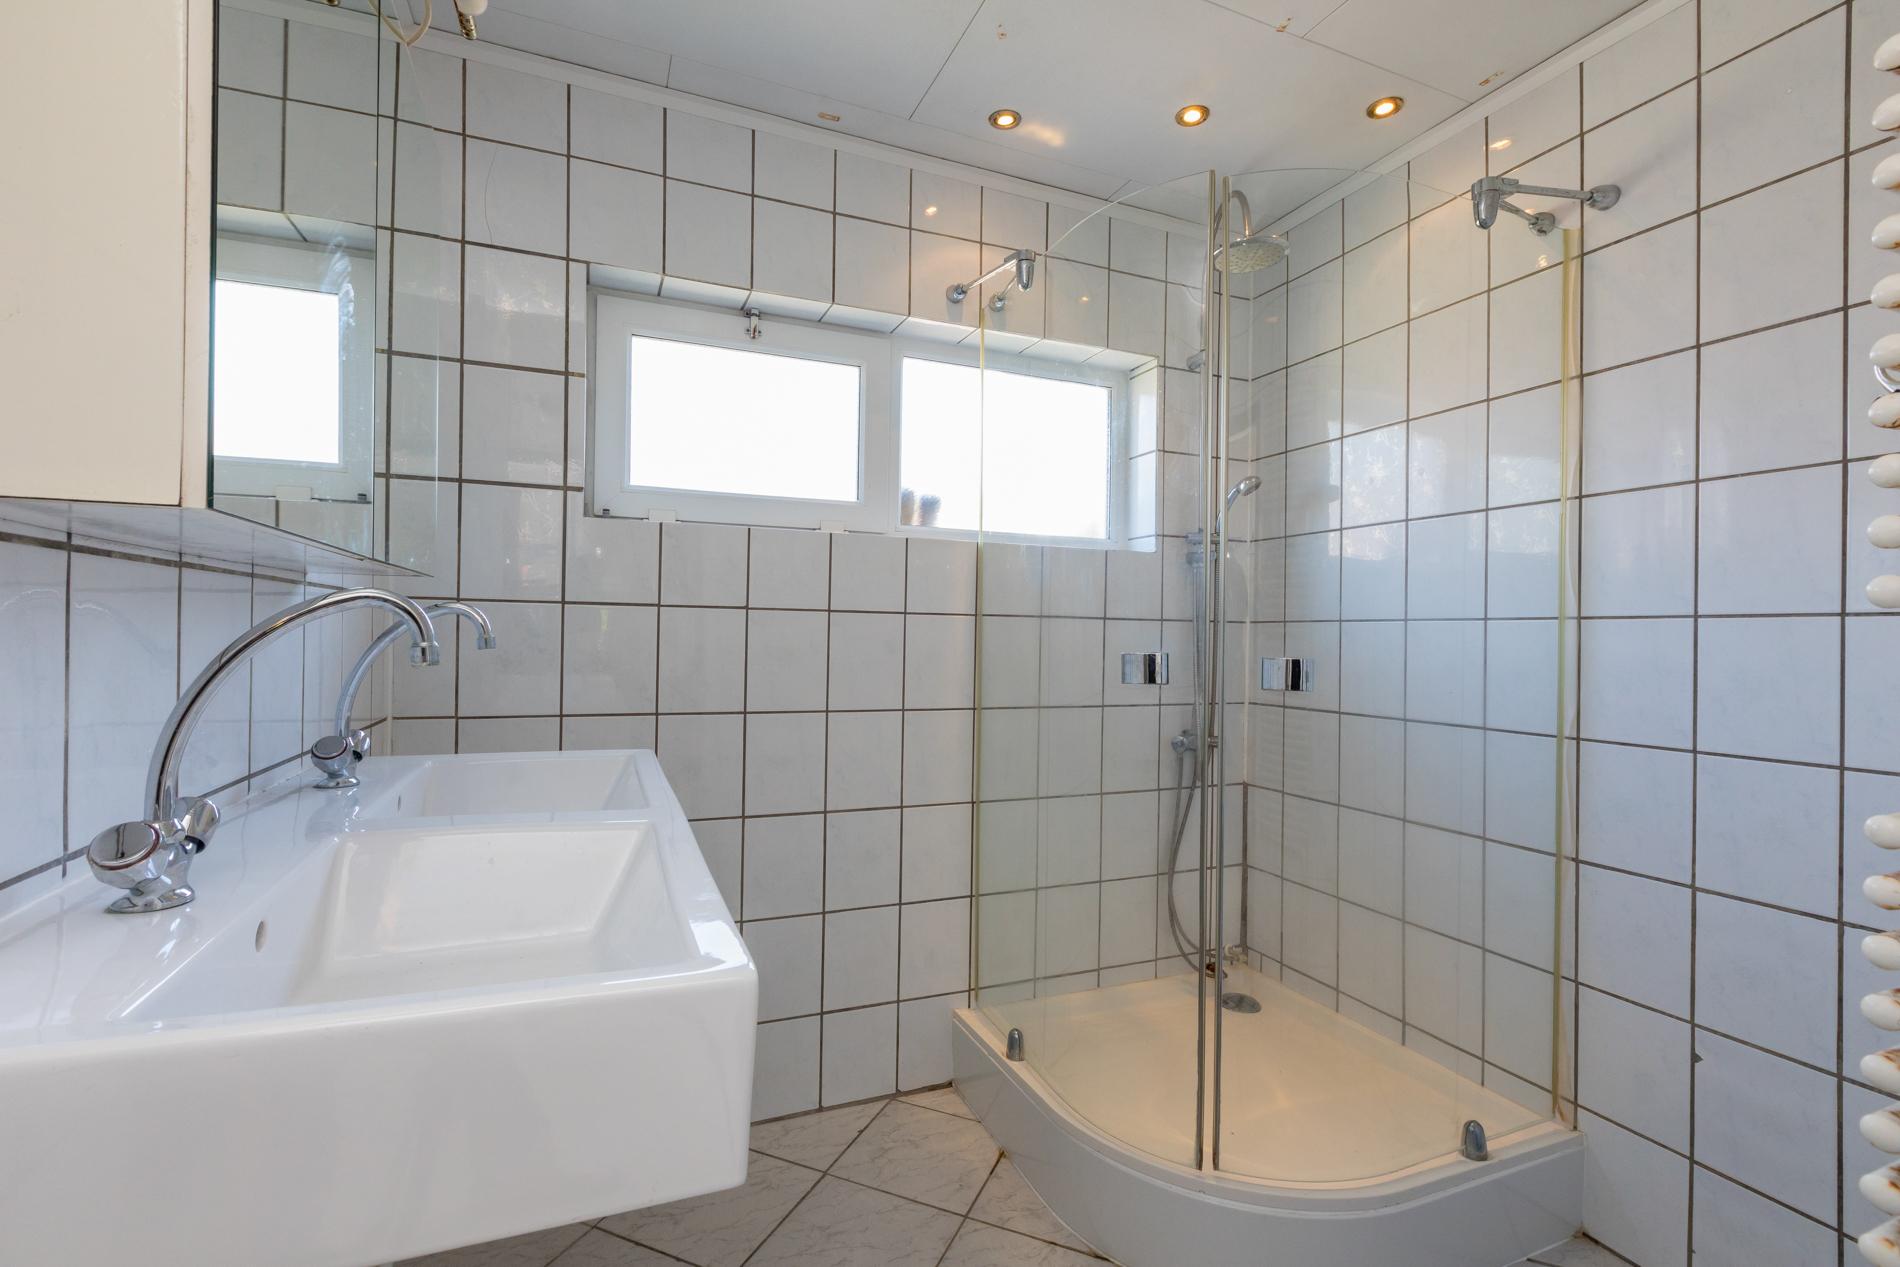 badkamer Berghoekstraat 6 Kruiningen ism makelaars